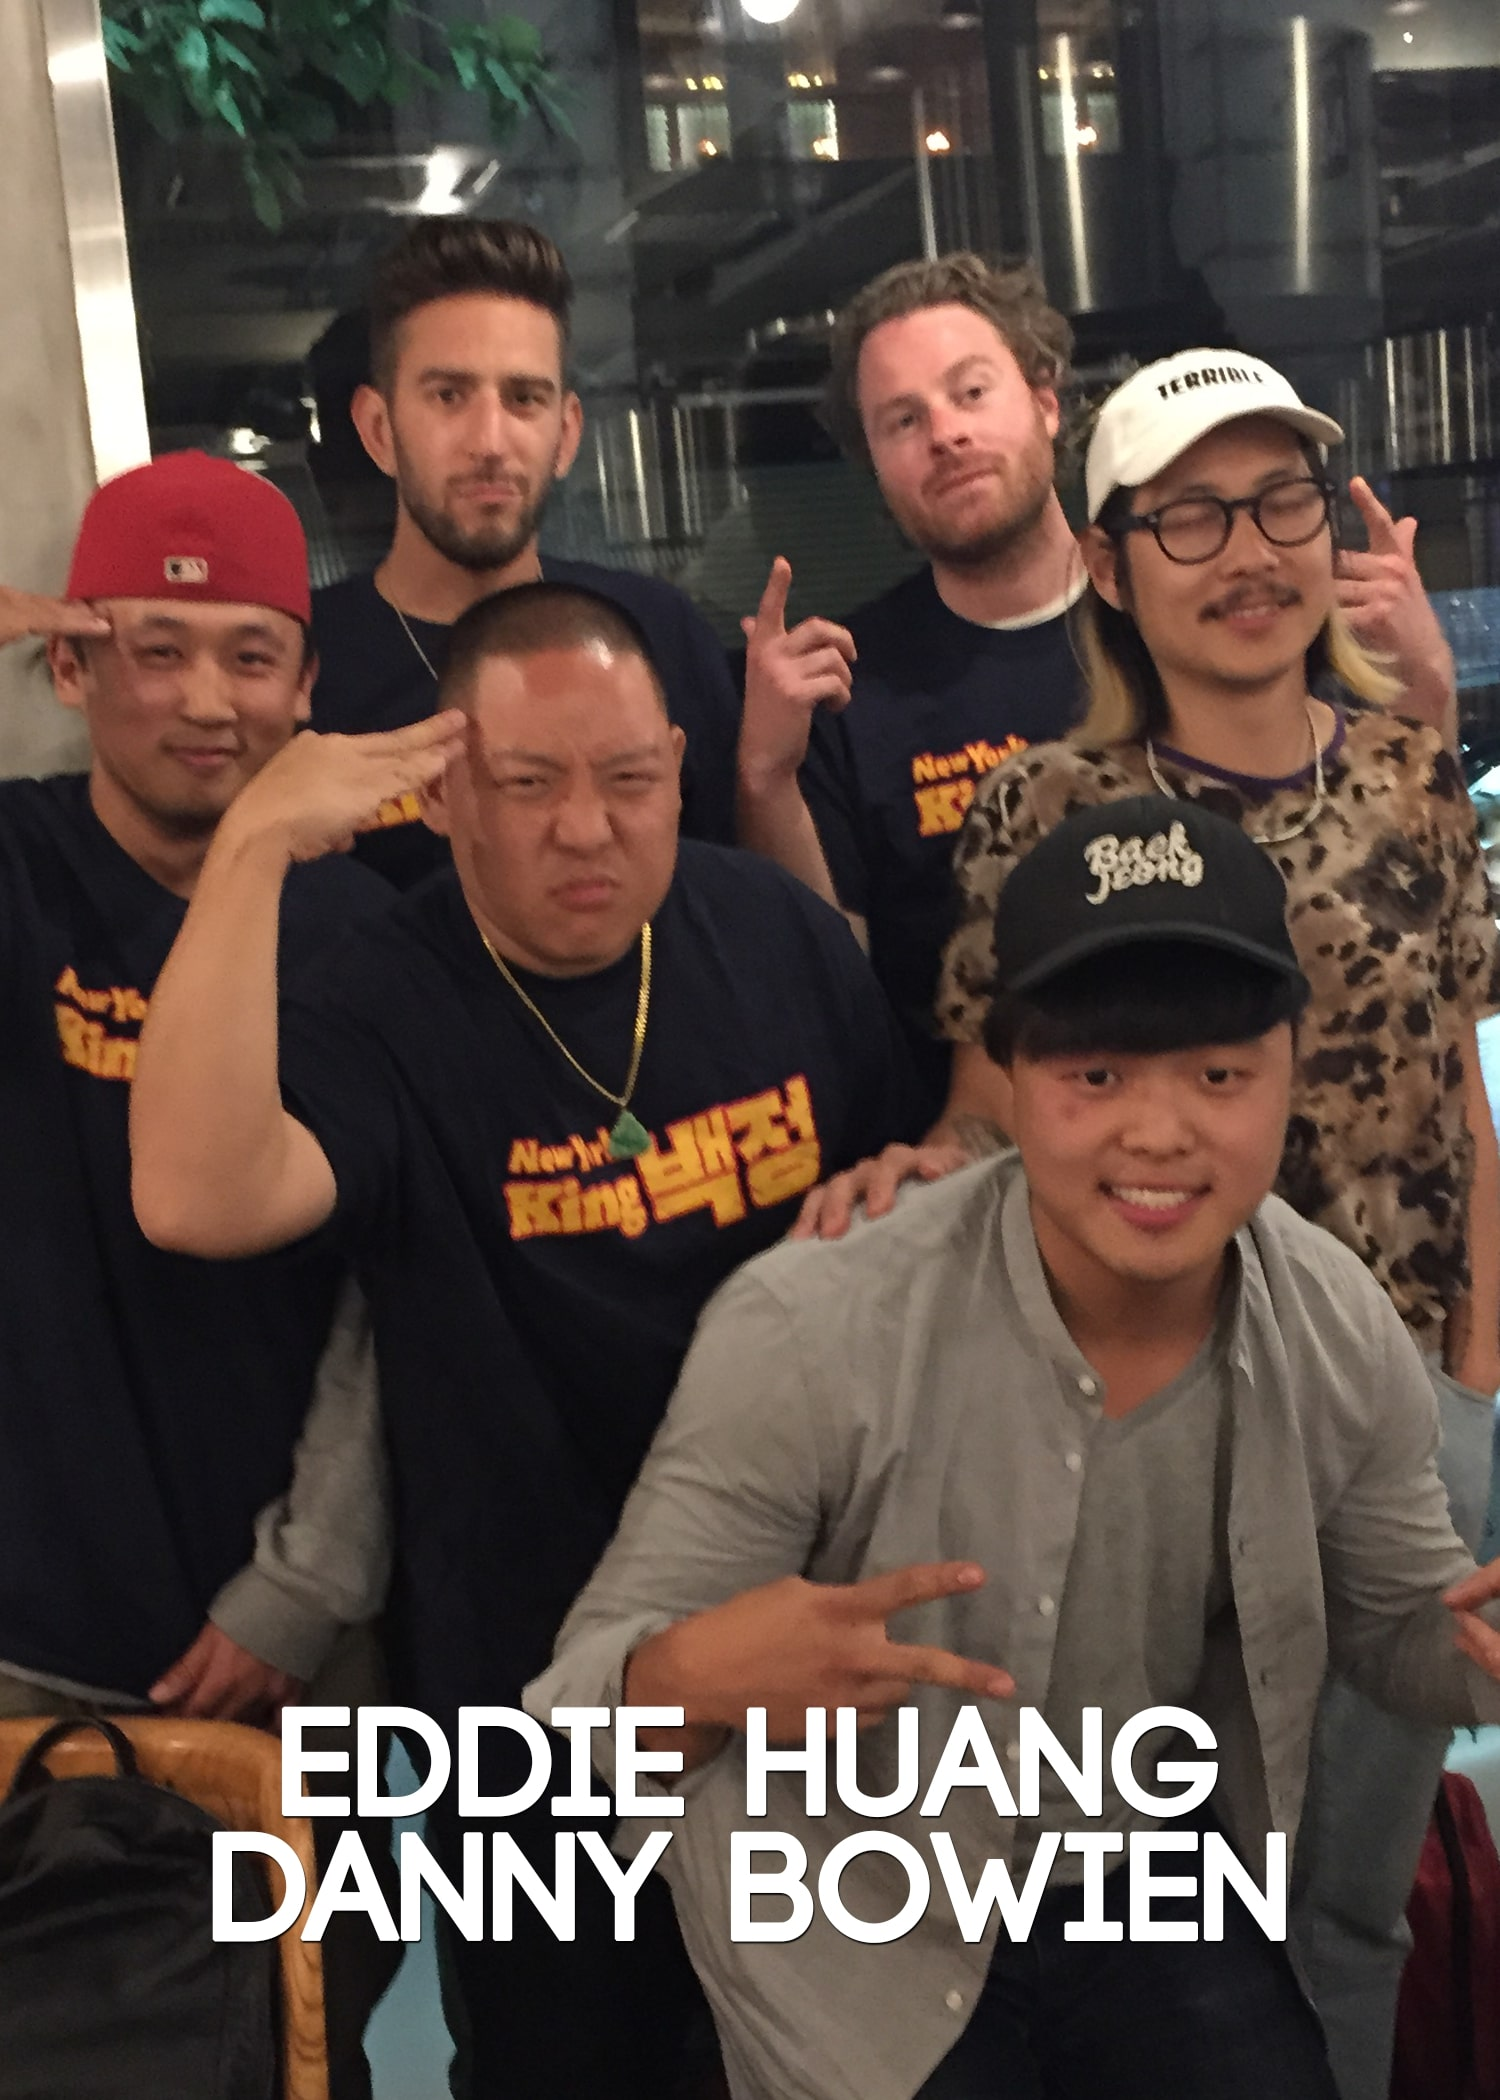 EddieHuang_DannyBowien.jpg